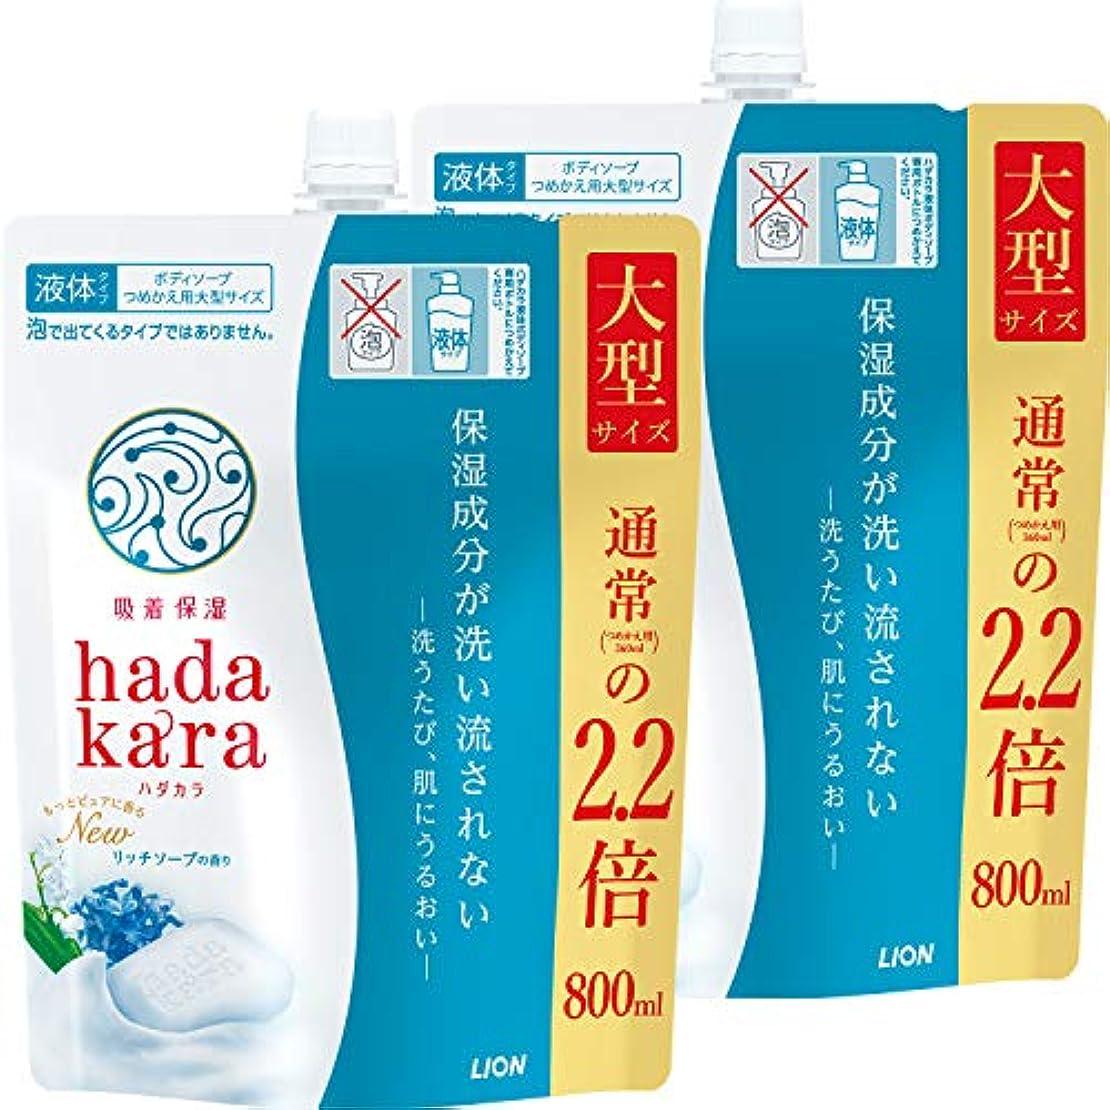 水曜日レイそれぞれhadakara(ハダカラ) ボディソープ リッチソープの香り つめかえ用大型サイズ 800ml×2個